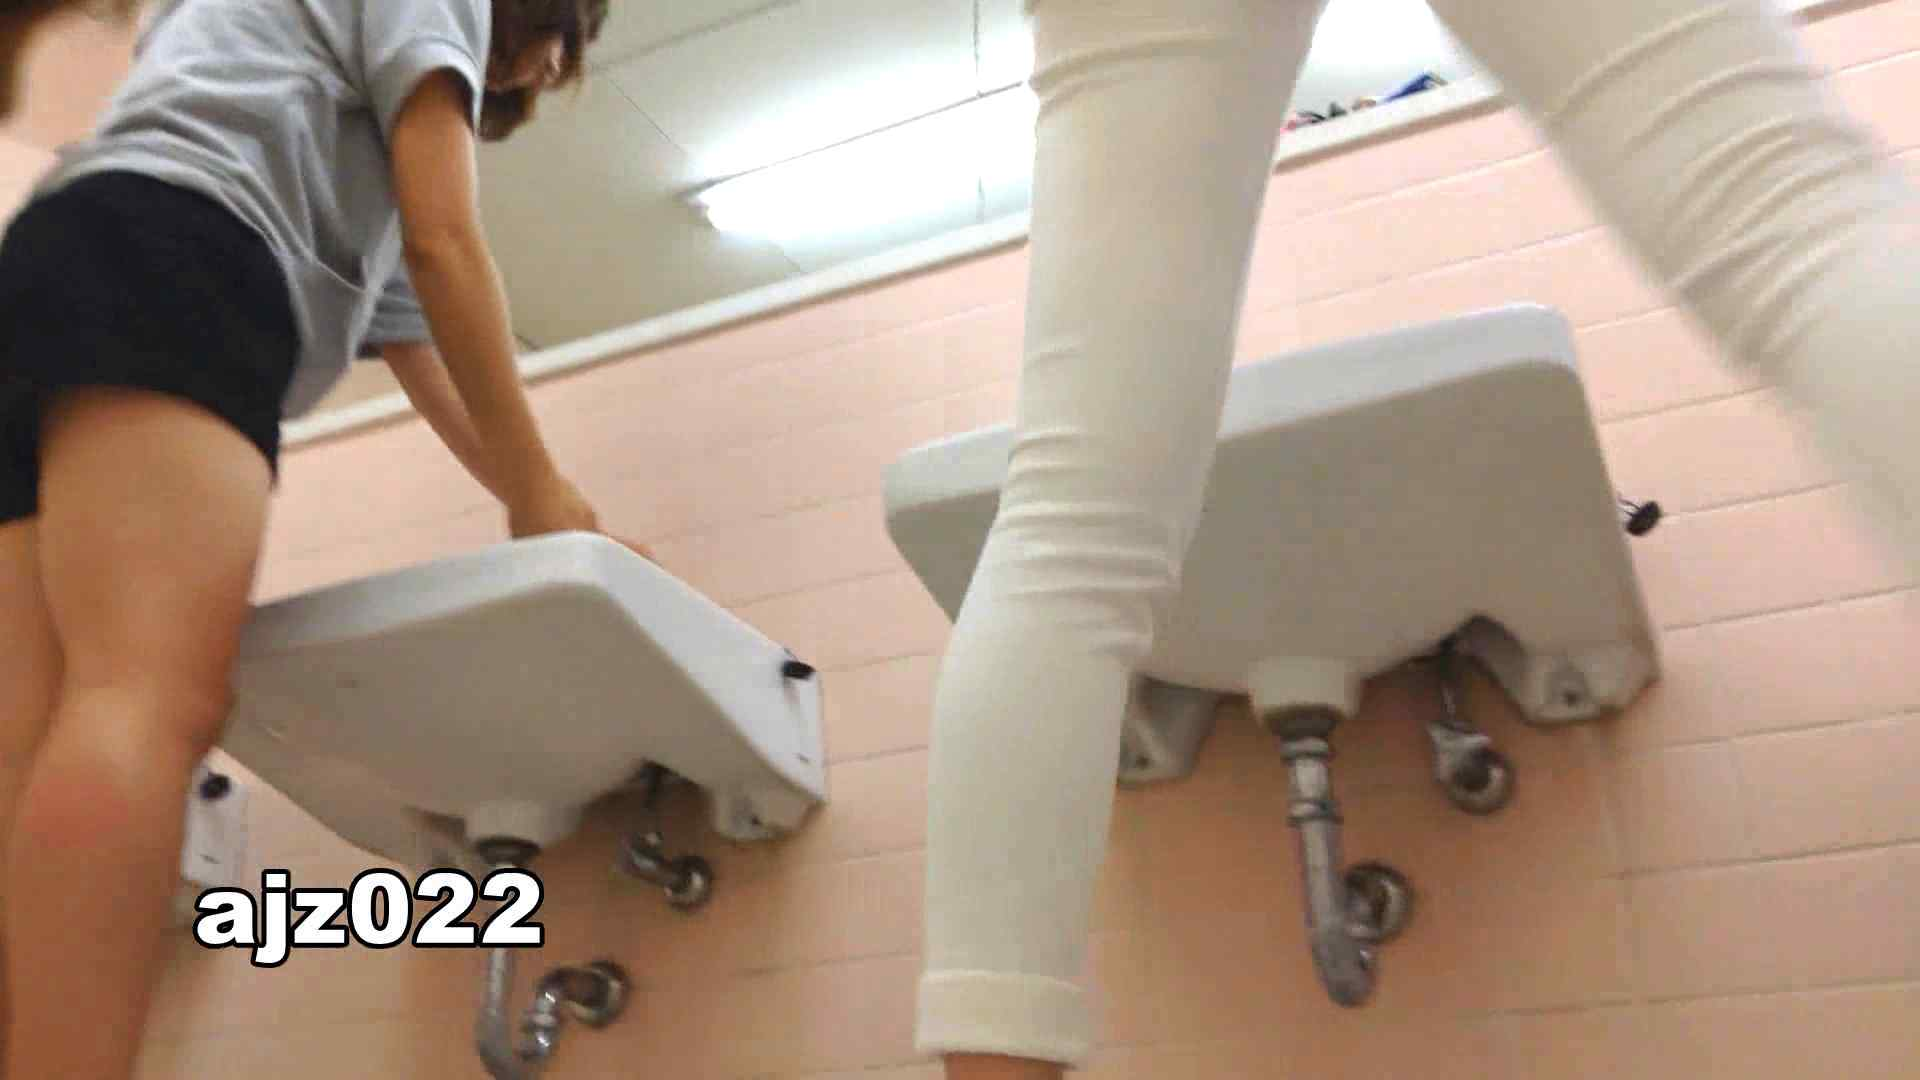 某有名大学女性洗面所 vol.22 排泄 オメコ無修正動画無料 94連発 39